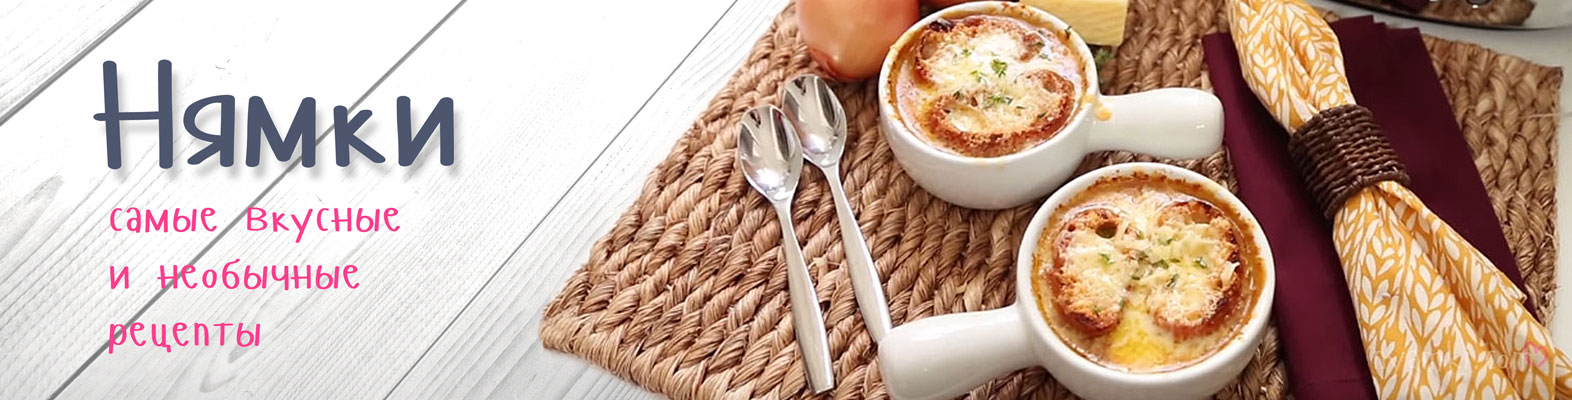 Нямки - самые вкусные и необычные рецепты